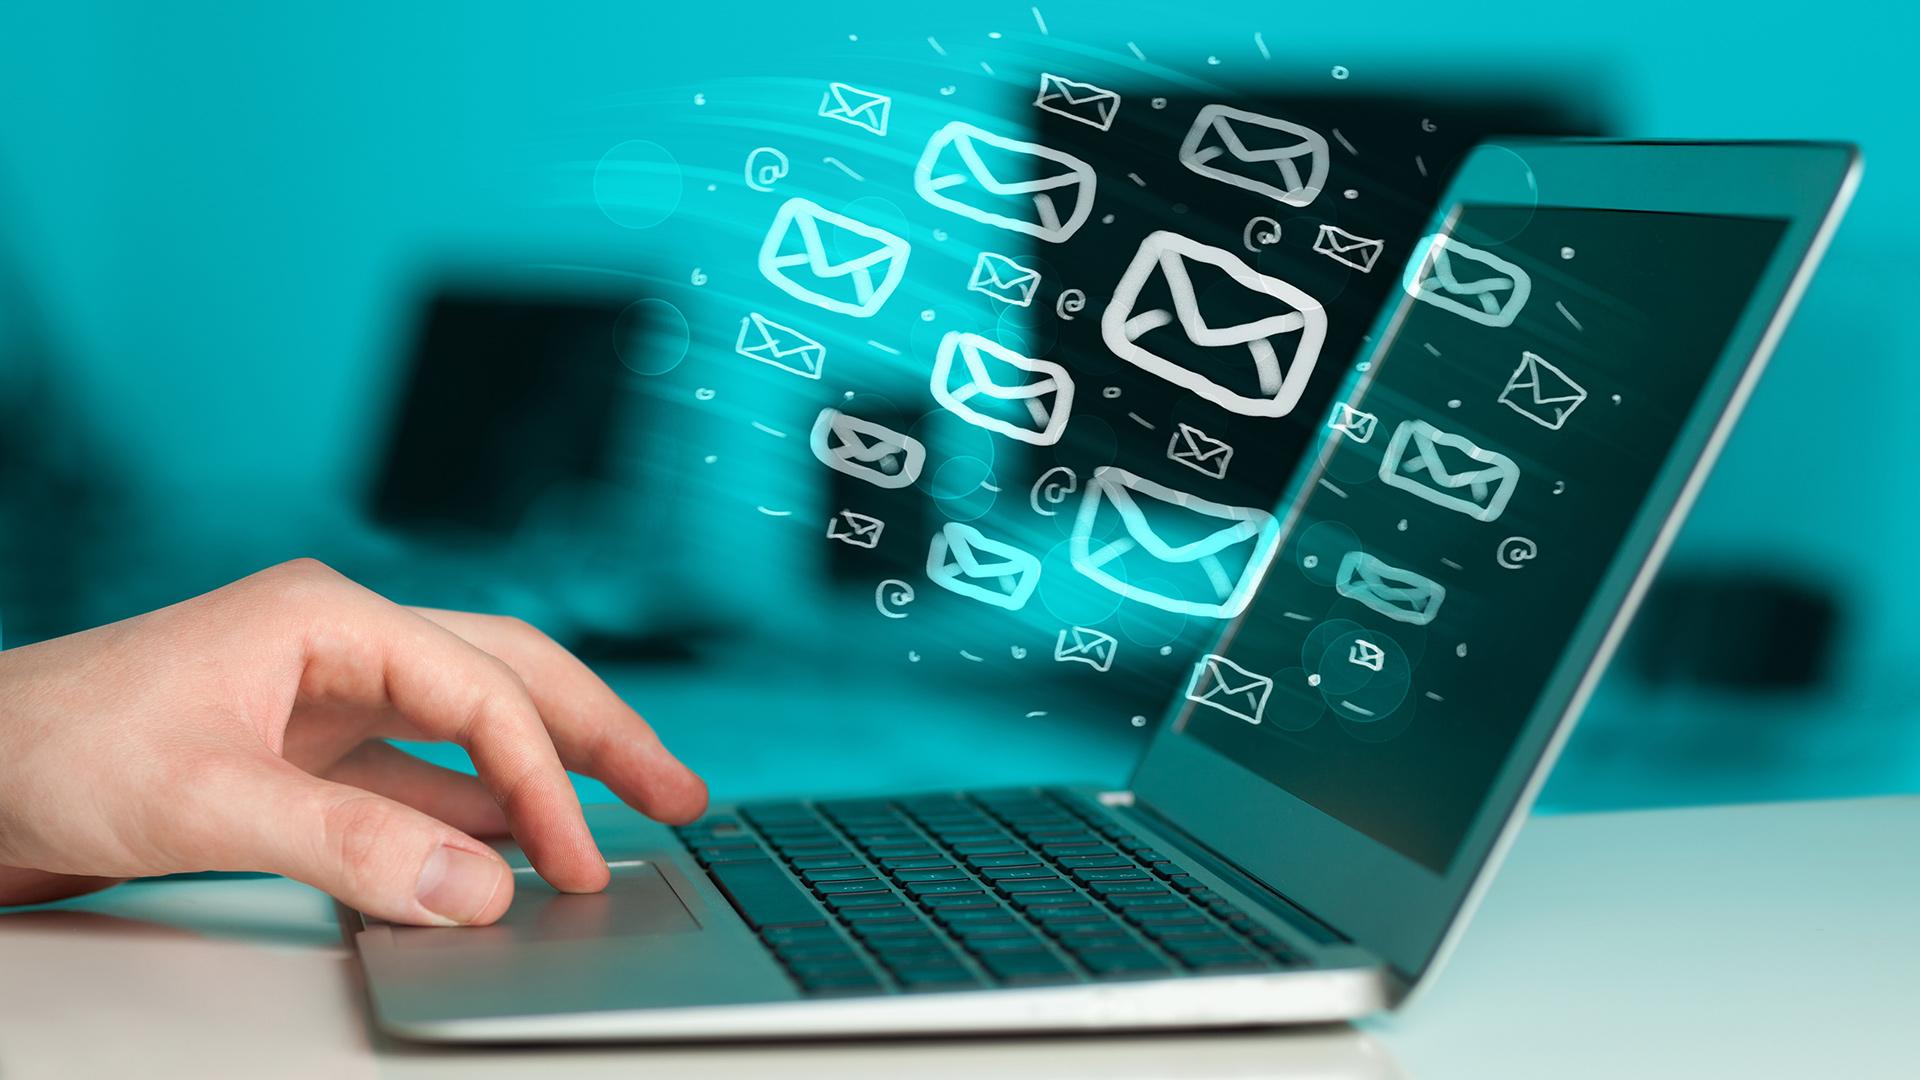 Накрутить голоса с e-mail легче легкого. Мы поможем!